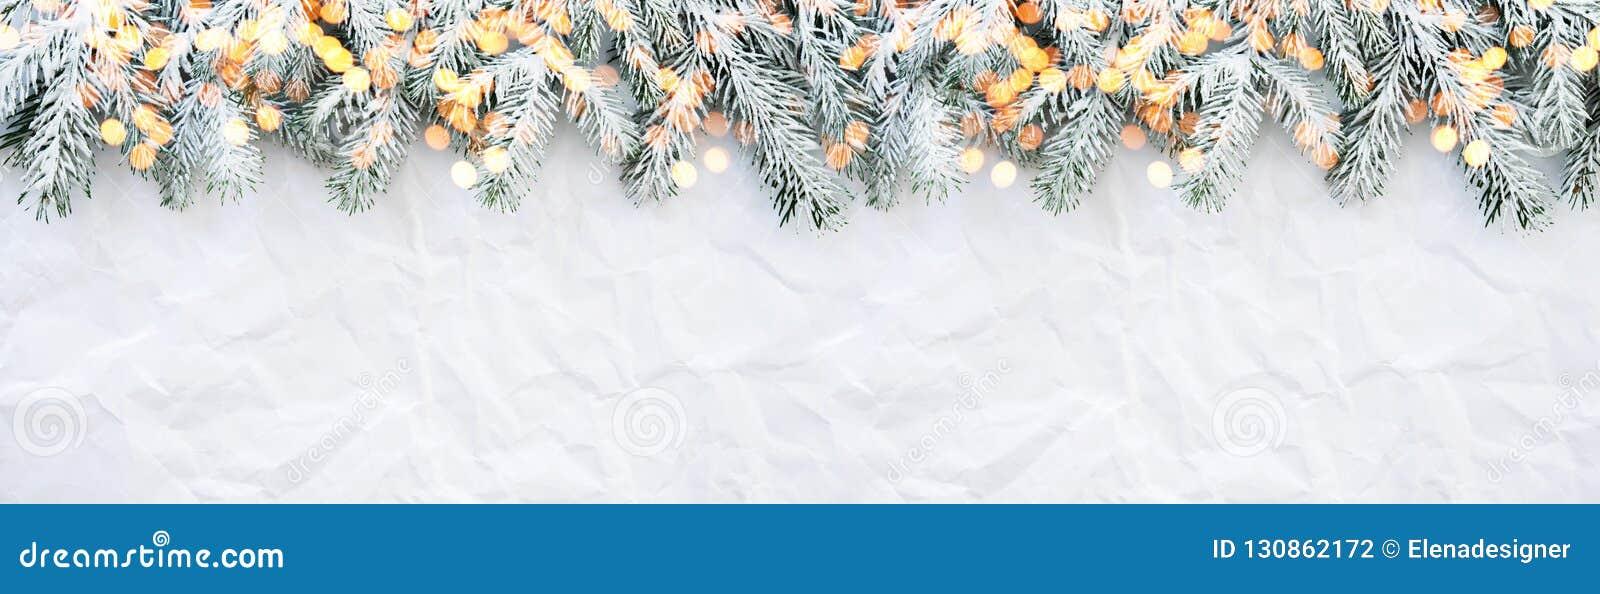 fond carte de voeux Fond De Vacances De Noël Et De Nouvelle Année Carte De Voeux De